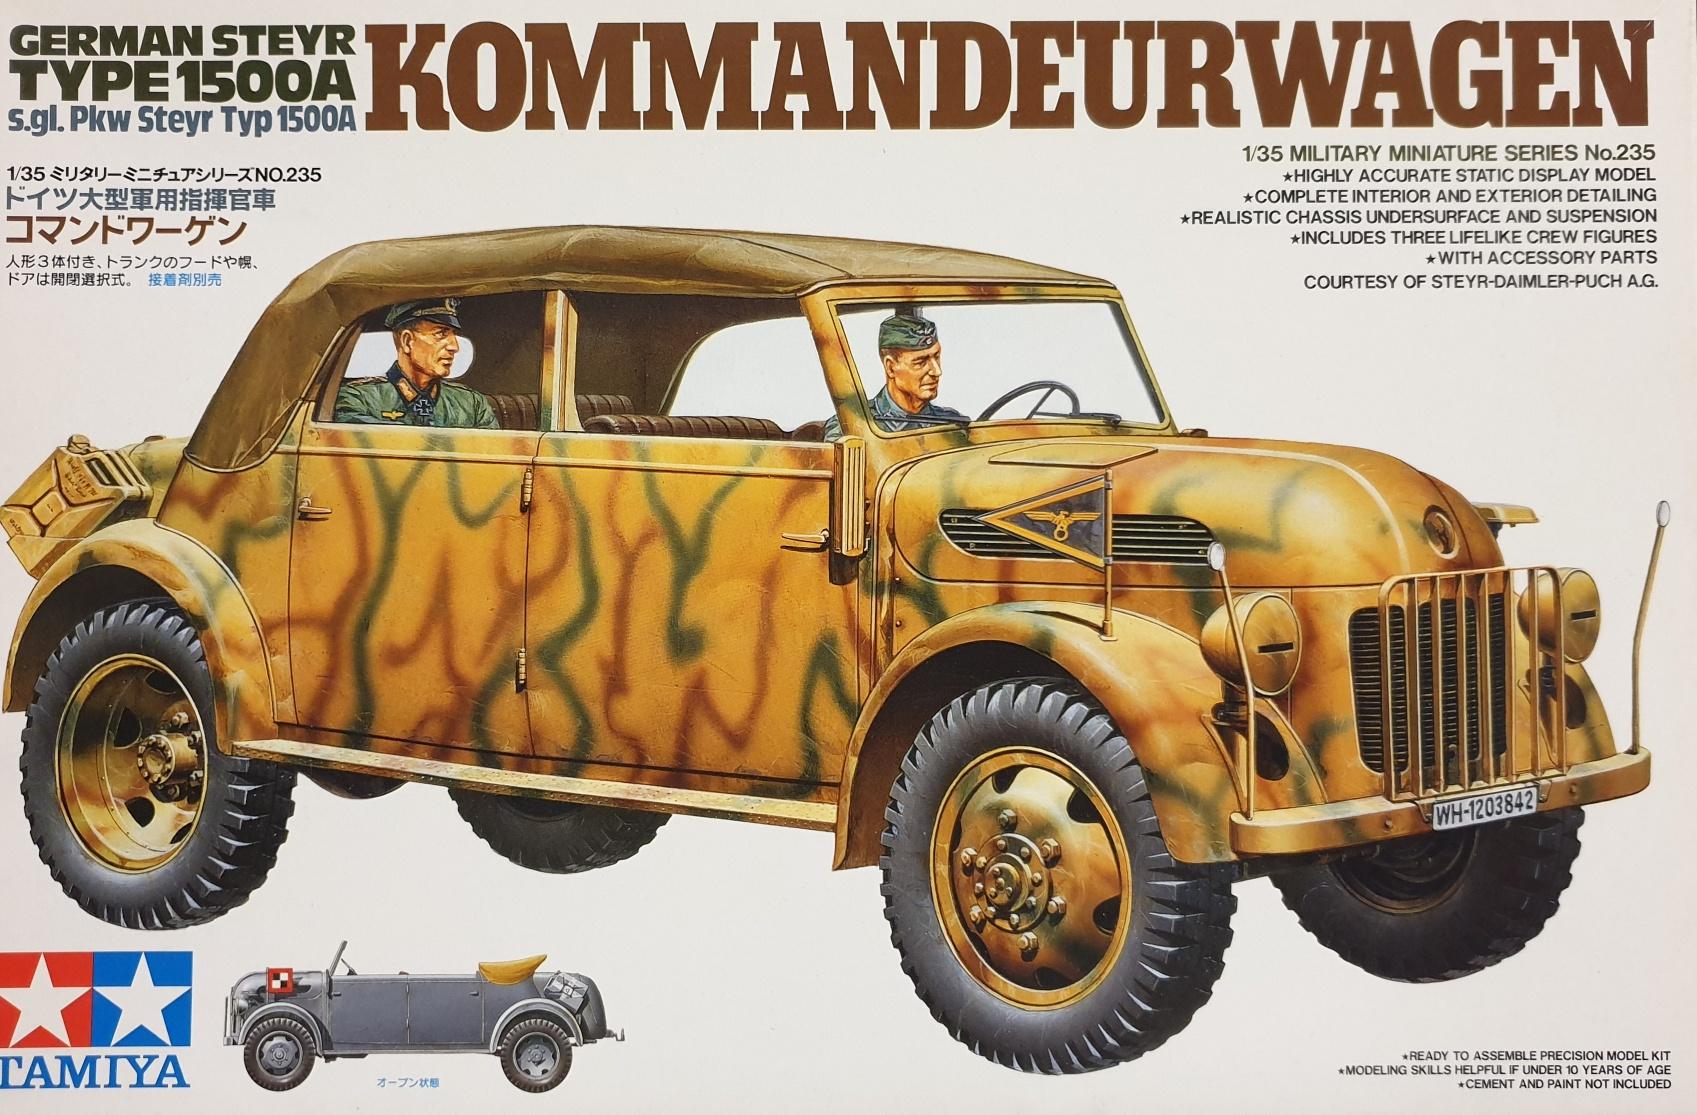 Tamiya 35235 German Steyr 1500A Kommandeurwagen